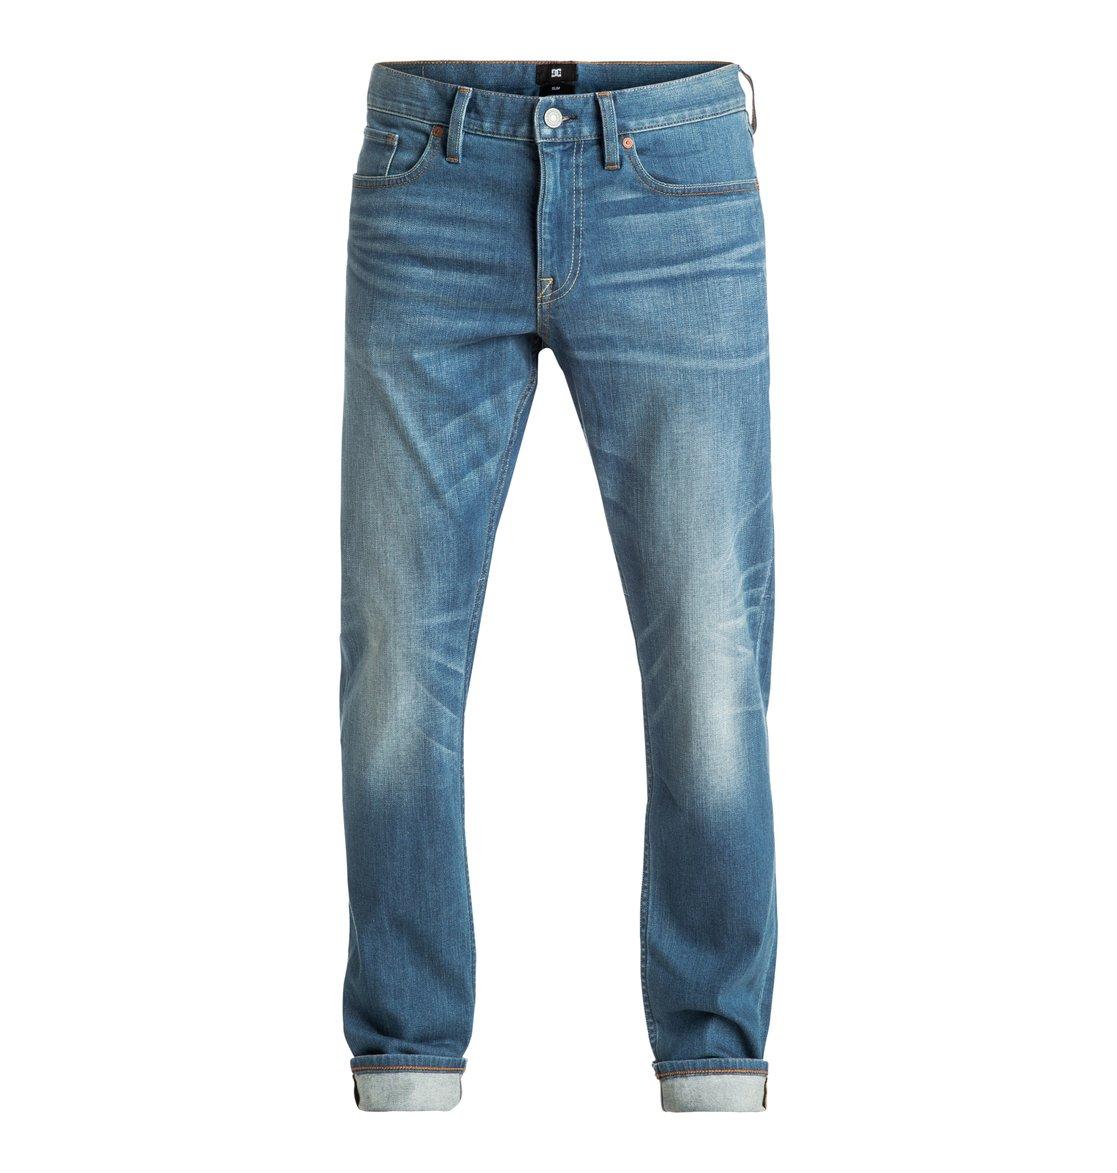 men 39 s washed medium indigo bleach slim fit jeans edydp03283 dc shoes. Black Bedroom Furniture Sets. Home Design Ideas